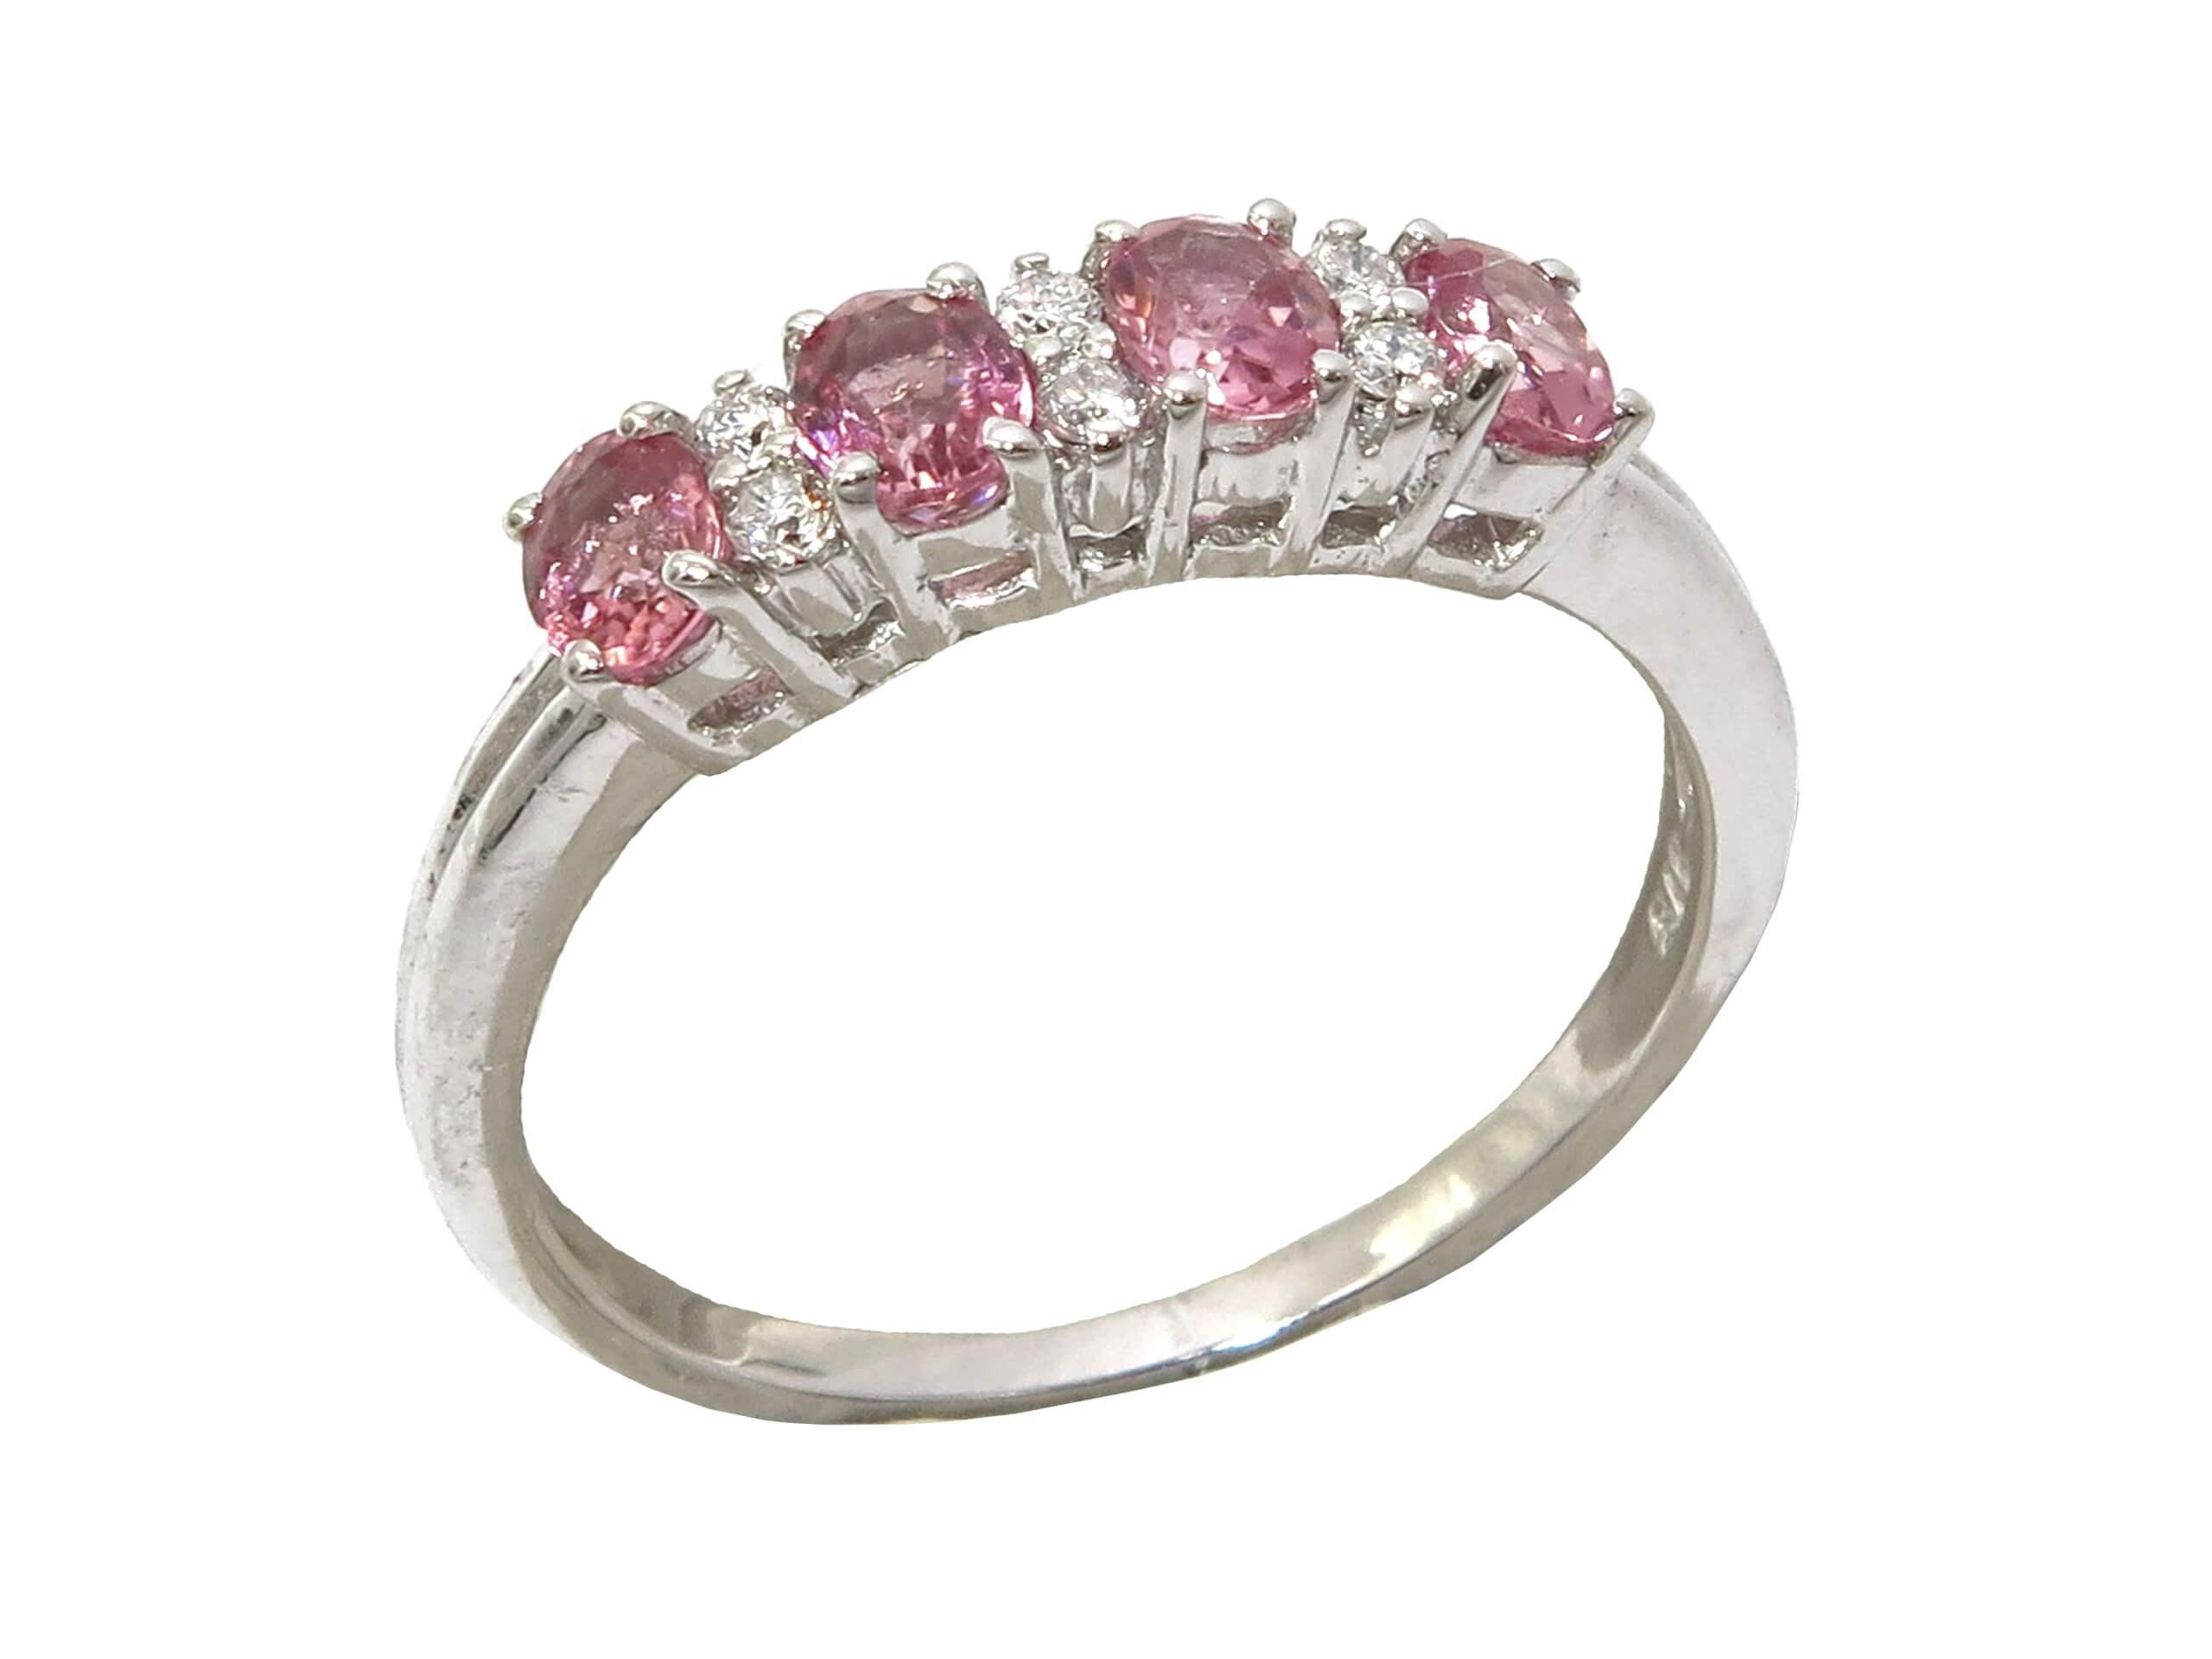 PINK TOURMALINE AND DIAMOND RING MJ24577